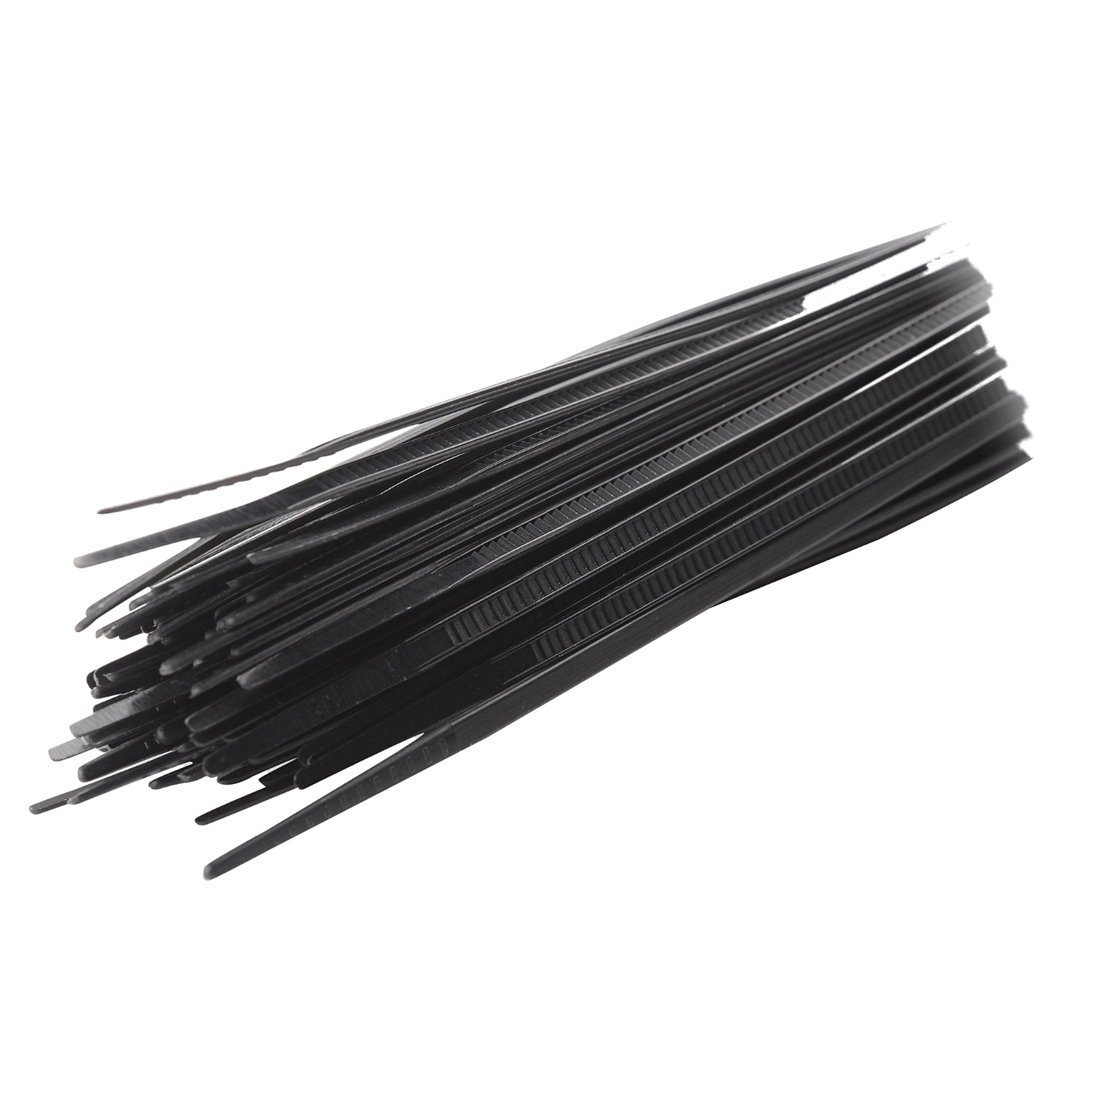 TOOGOO 100pcs Attaches De Cable Cravate Emballage /à Zip Sangles De Fil Crochets Plastiques Nylon Autobloquant Couleur Principale 4x300mm Noir Taille